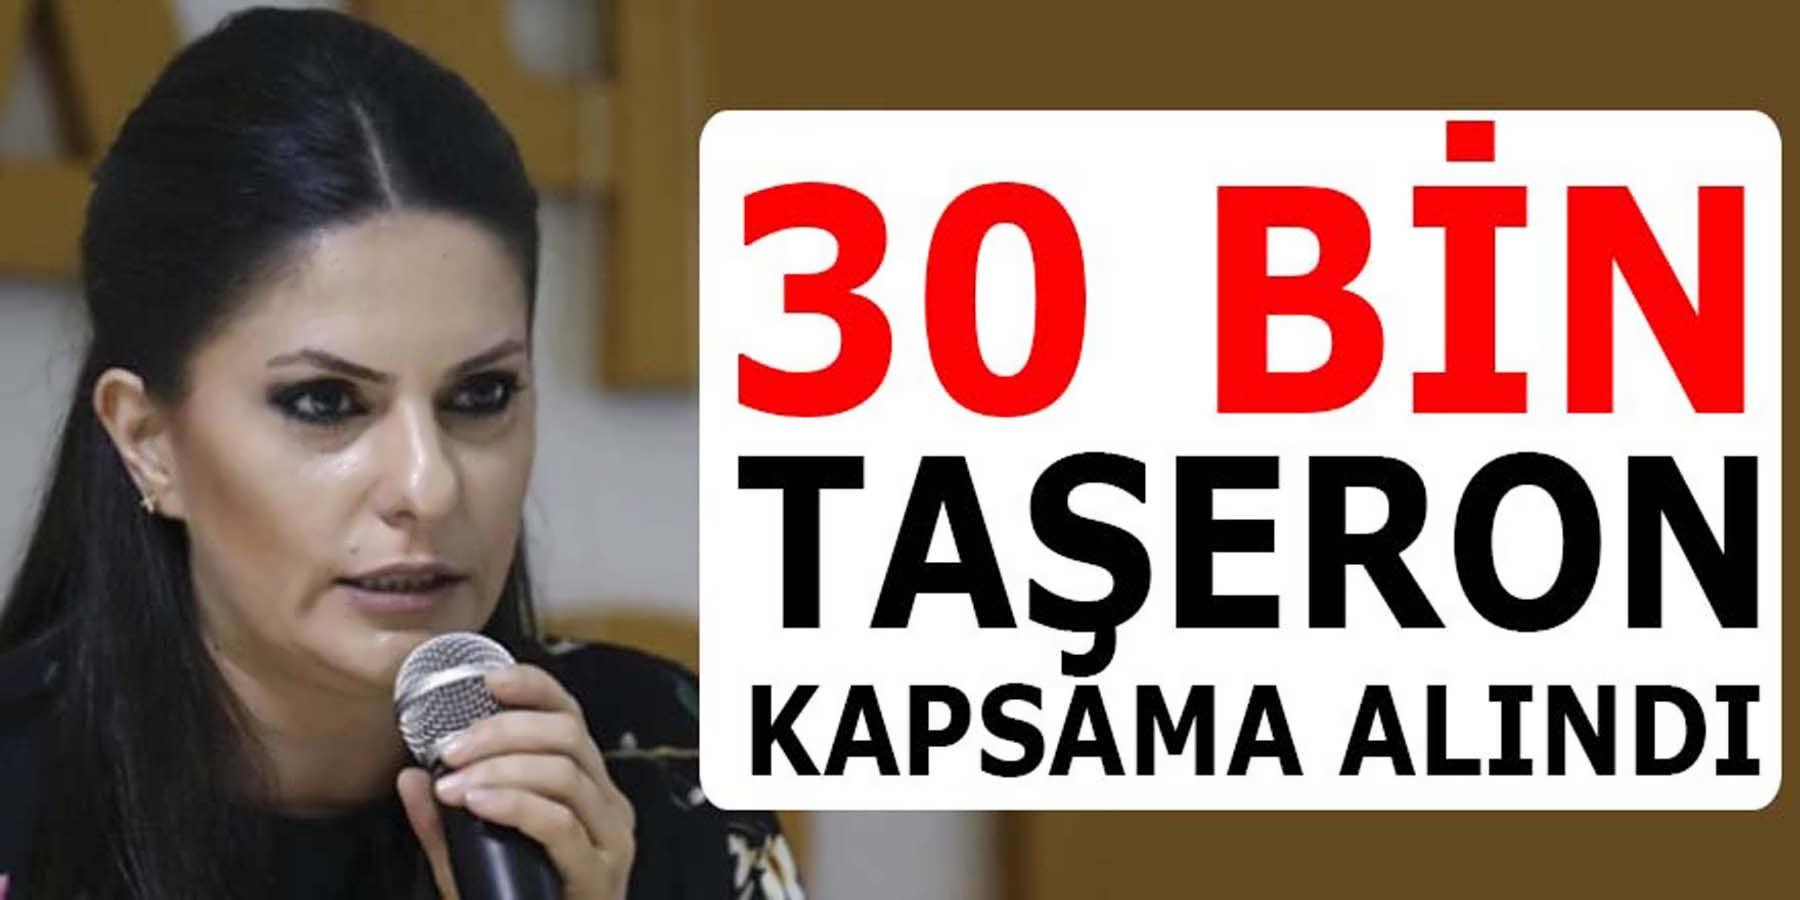 30 Bin Taşeron İşçi Kapsama Alındı